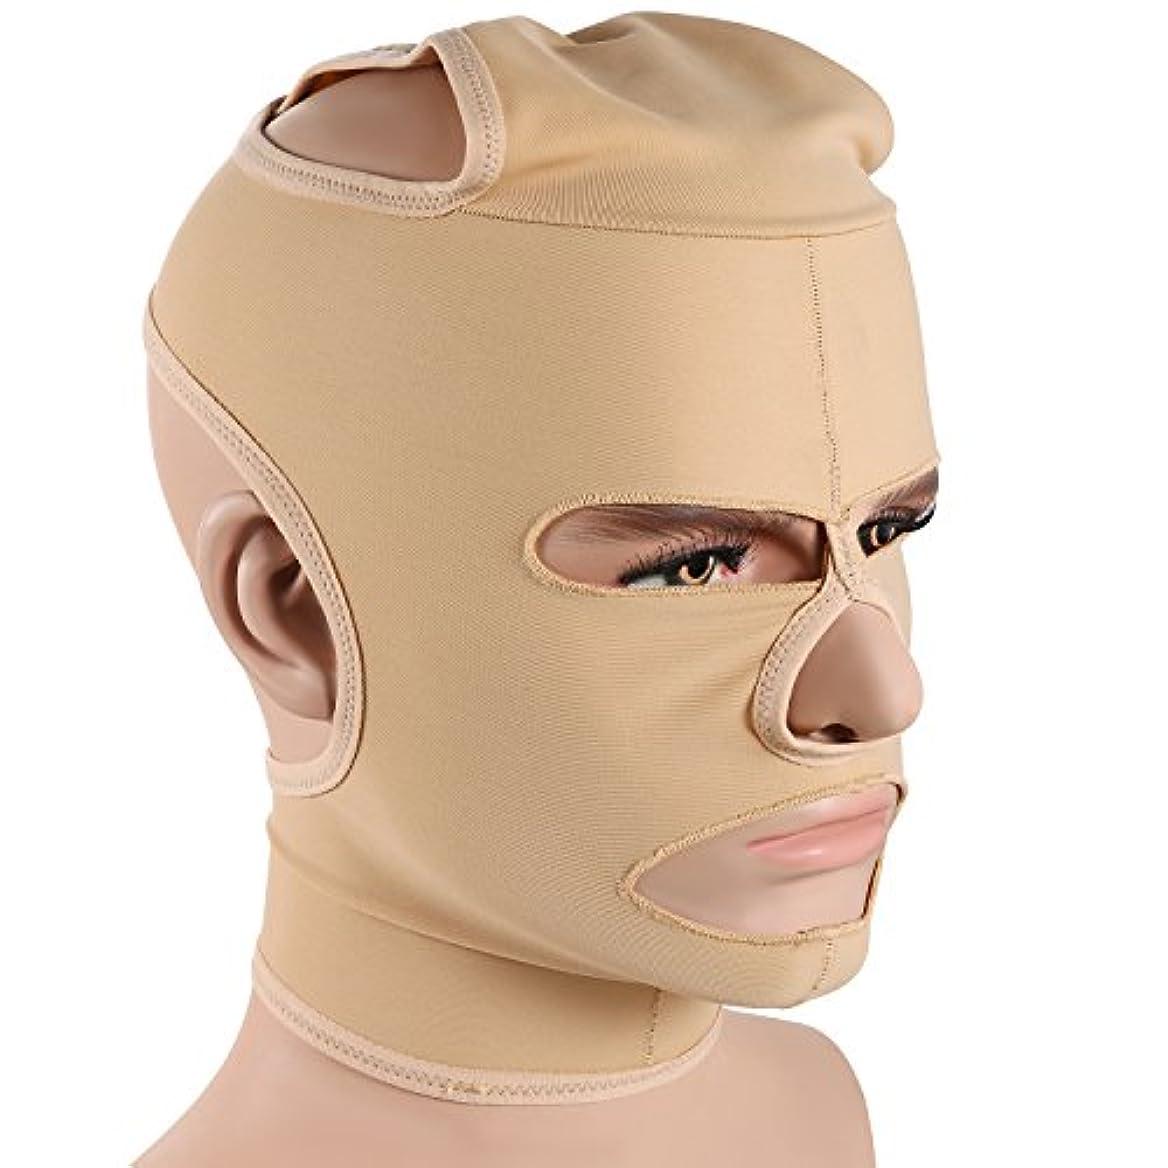 貞生命体効能JewelryWe 小顔補正マスク 小顔ベルト 法令線予防 シワ防止 美顔 額、顎下、頬リフトアップ 男女兼用 Mサイズ